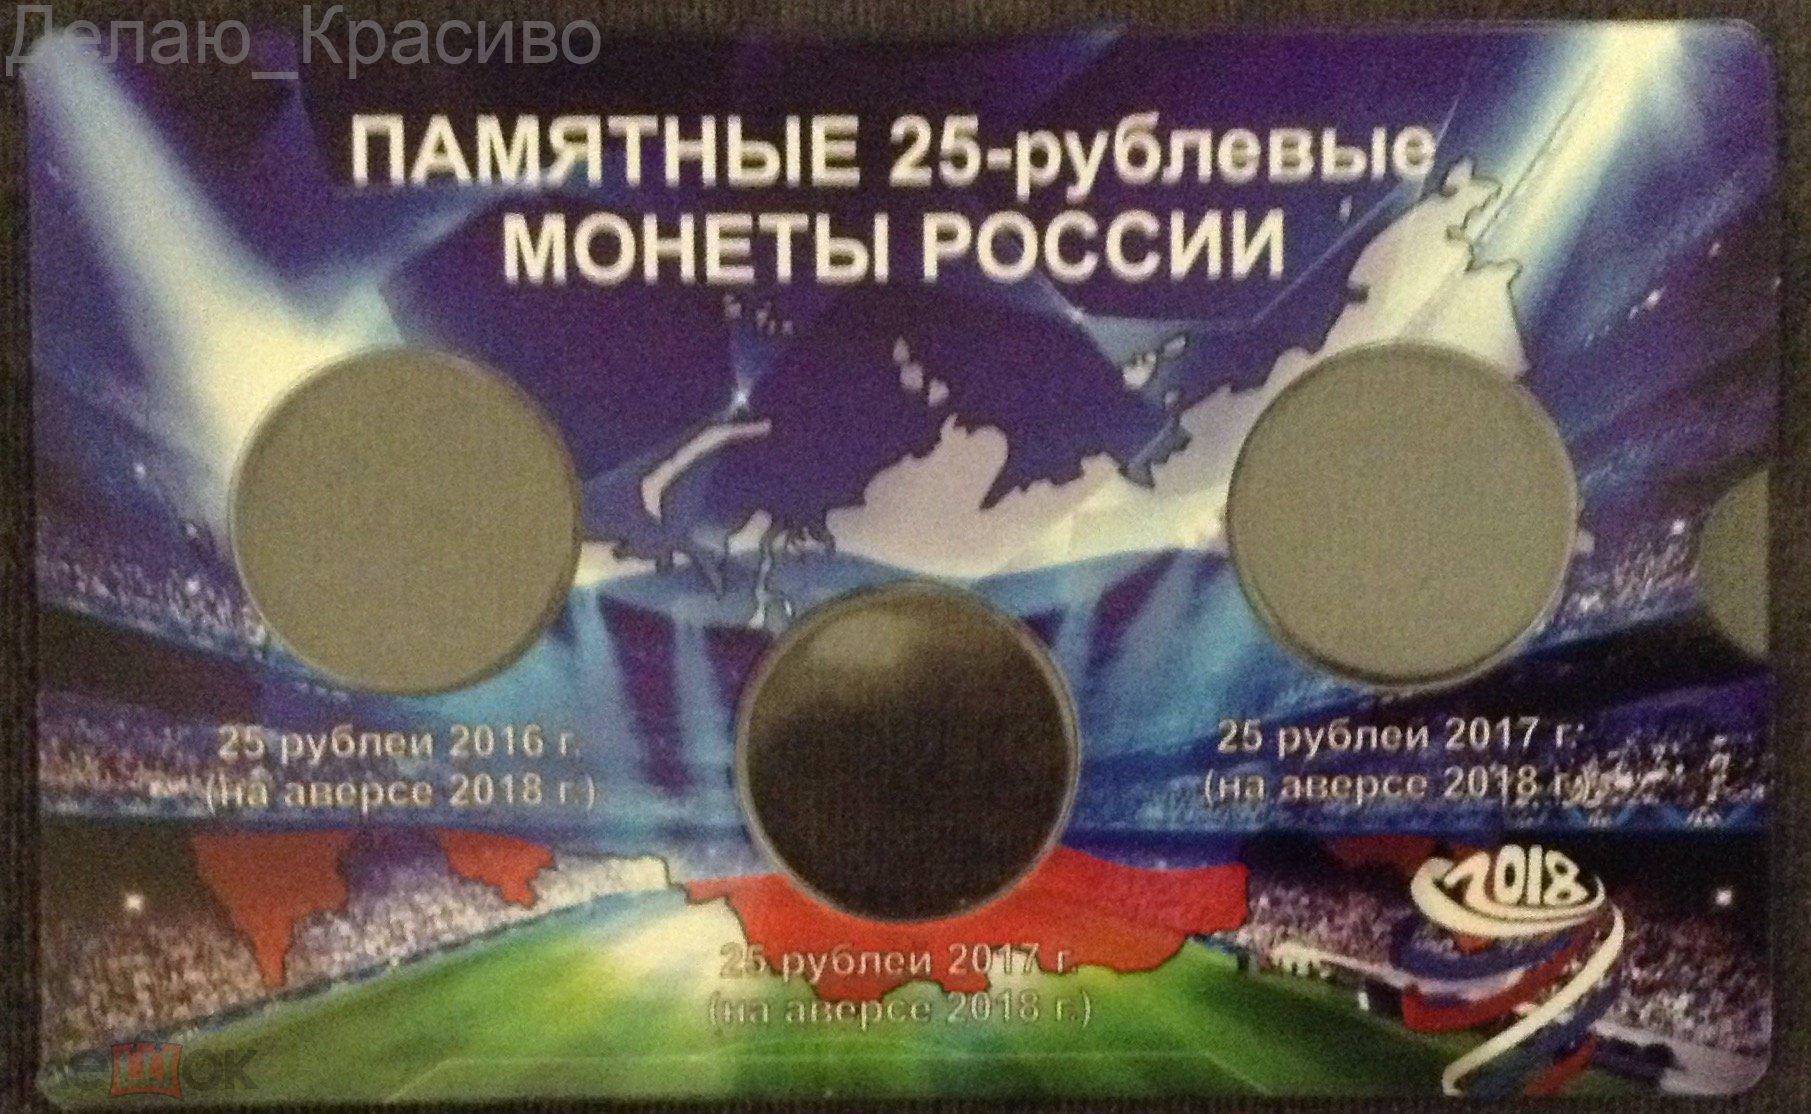 Афоризмы прикольные, открытка для монеты 25 рублей 2016 г футбол 2018